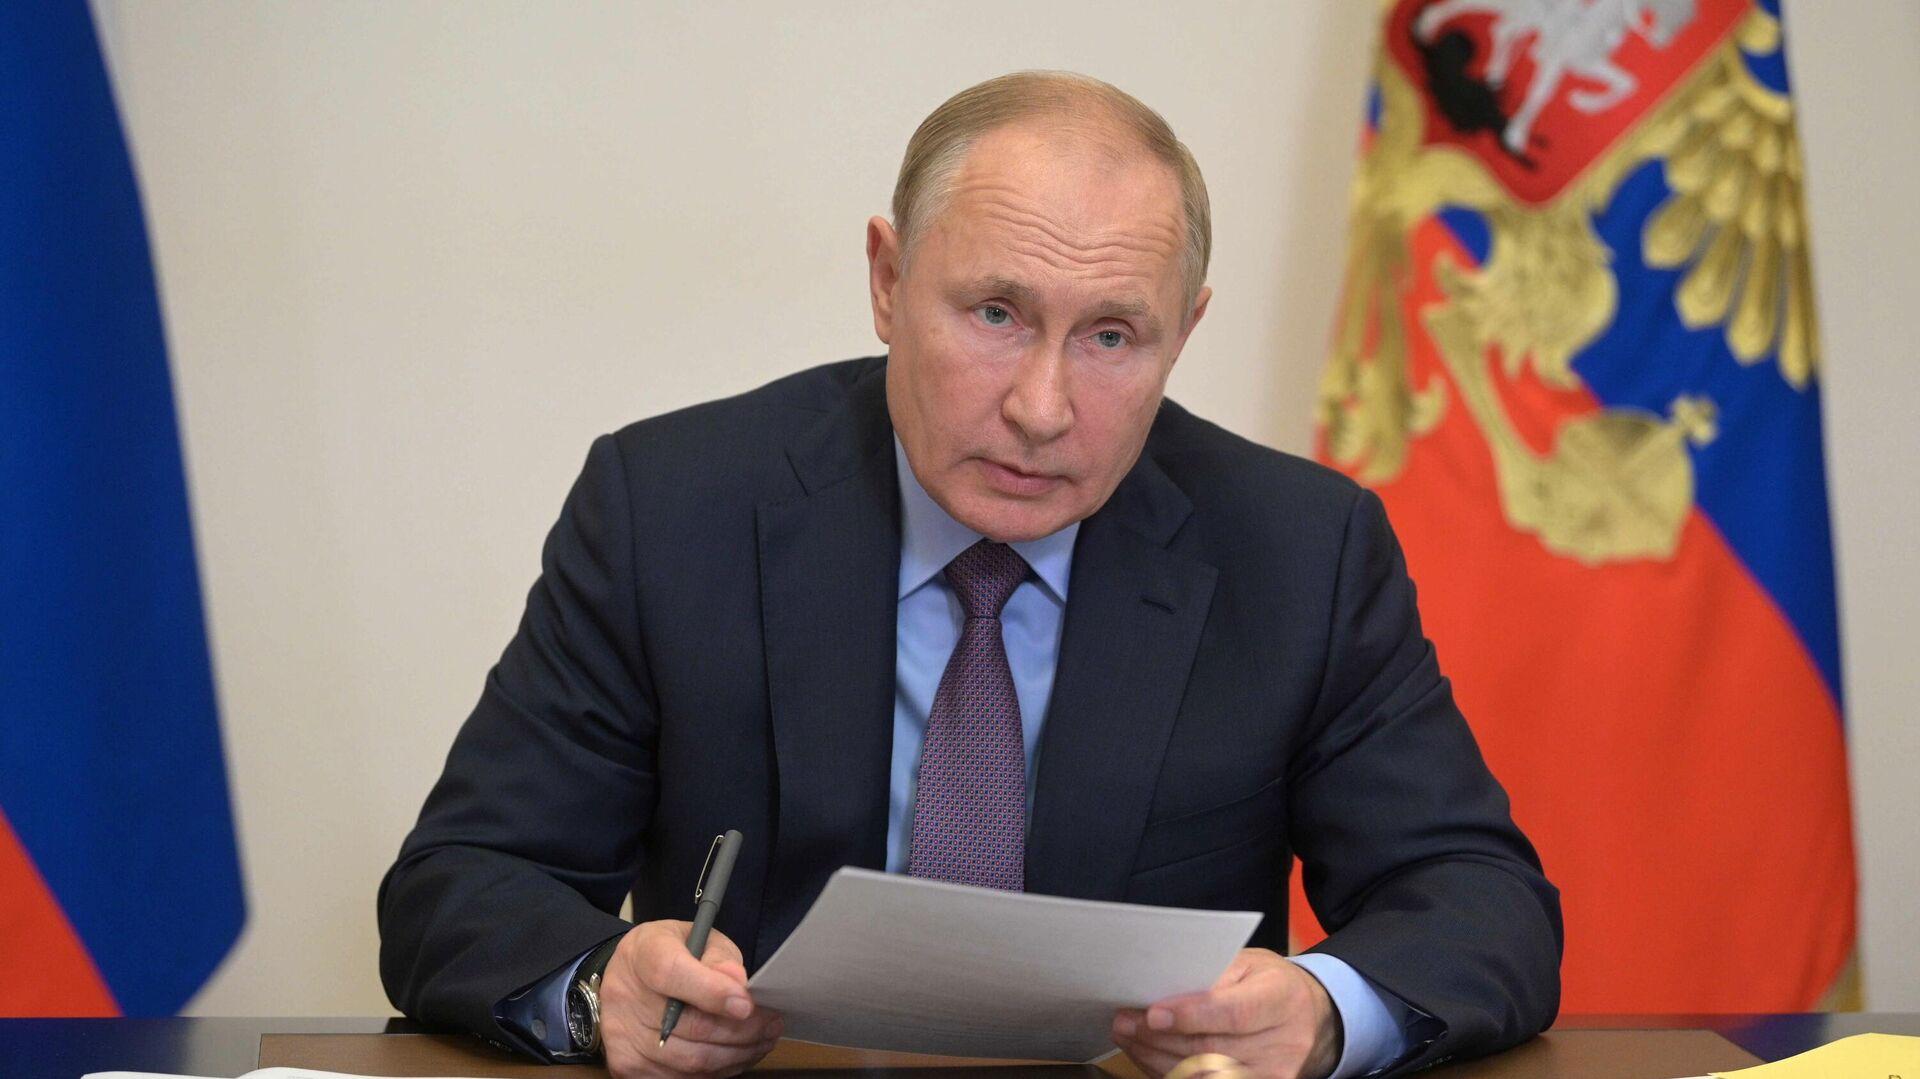 Президент РФ В. Путин  - Sputnik Таджикистан, 1920, 13.10.2021